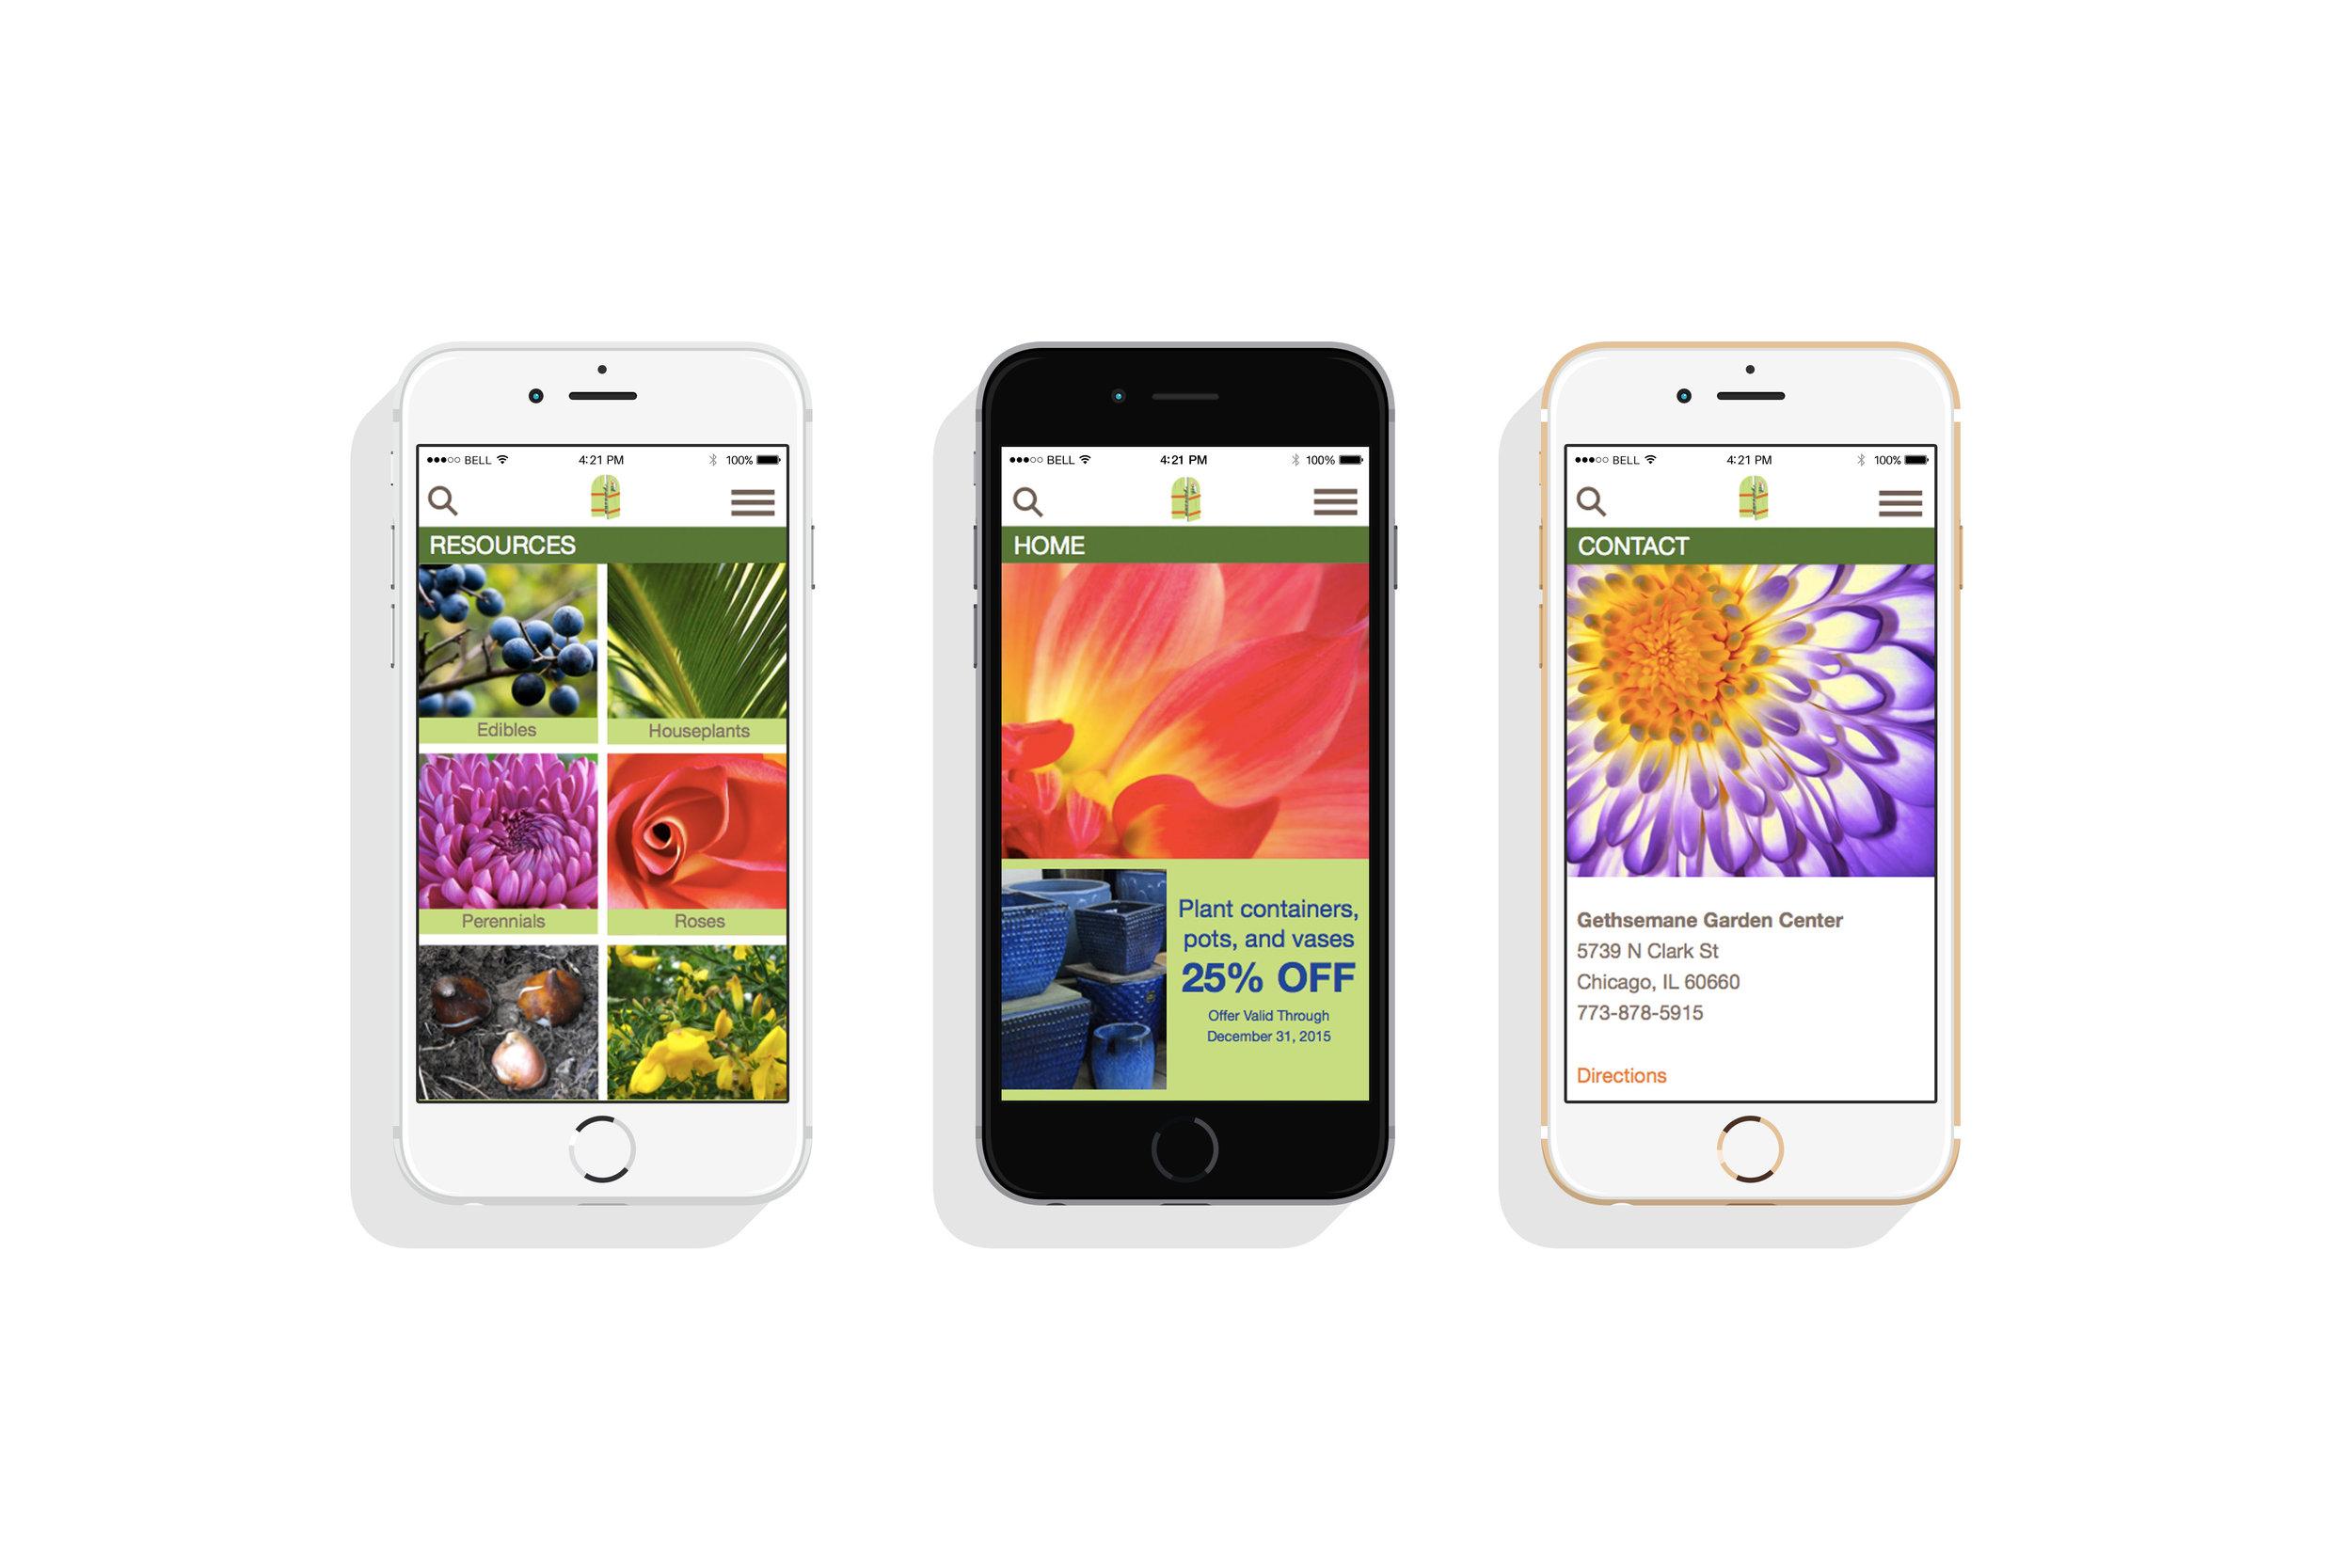 gethsemane mobile screens 2.jpg